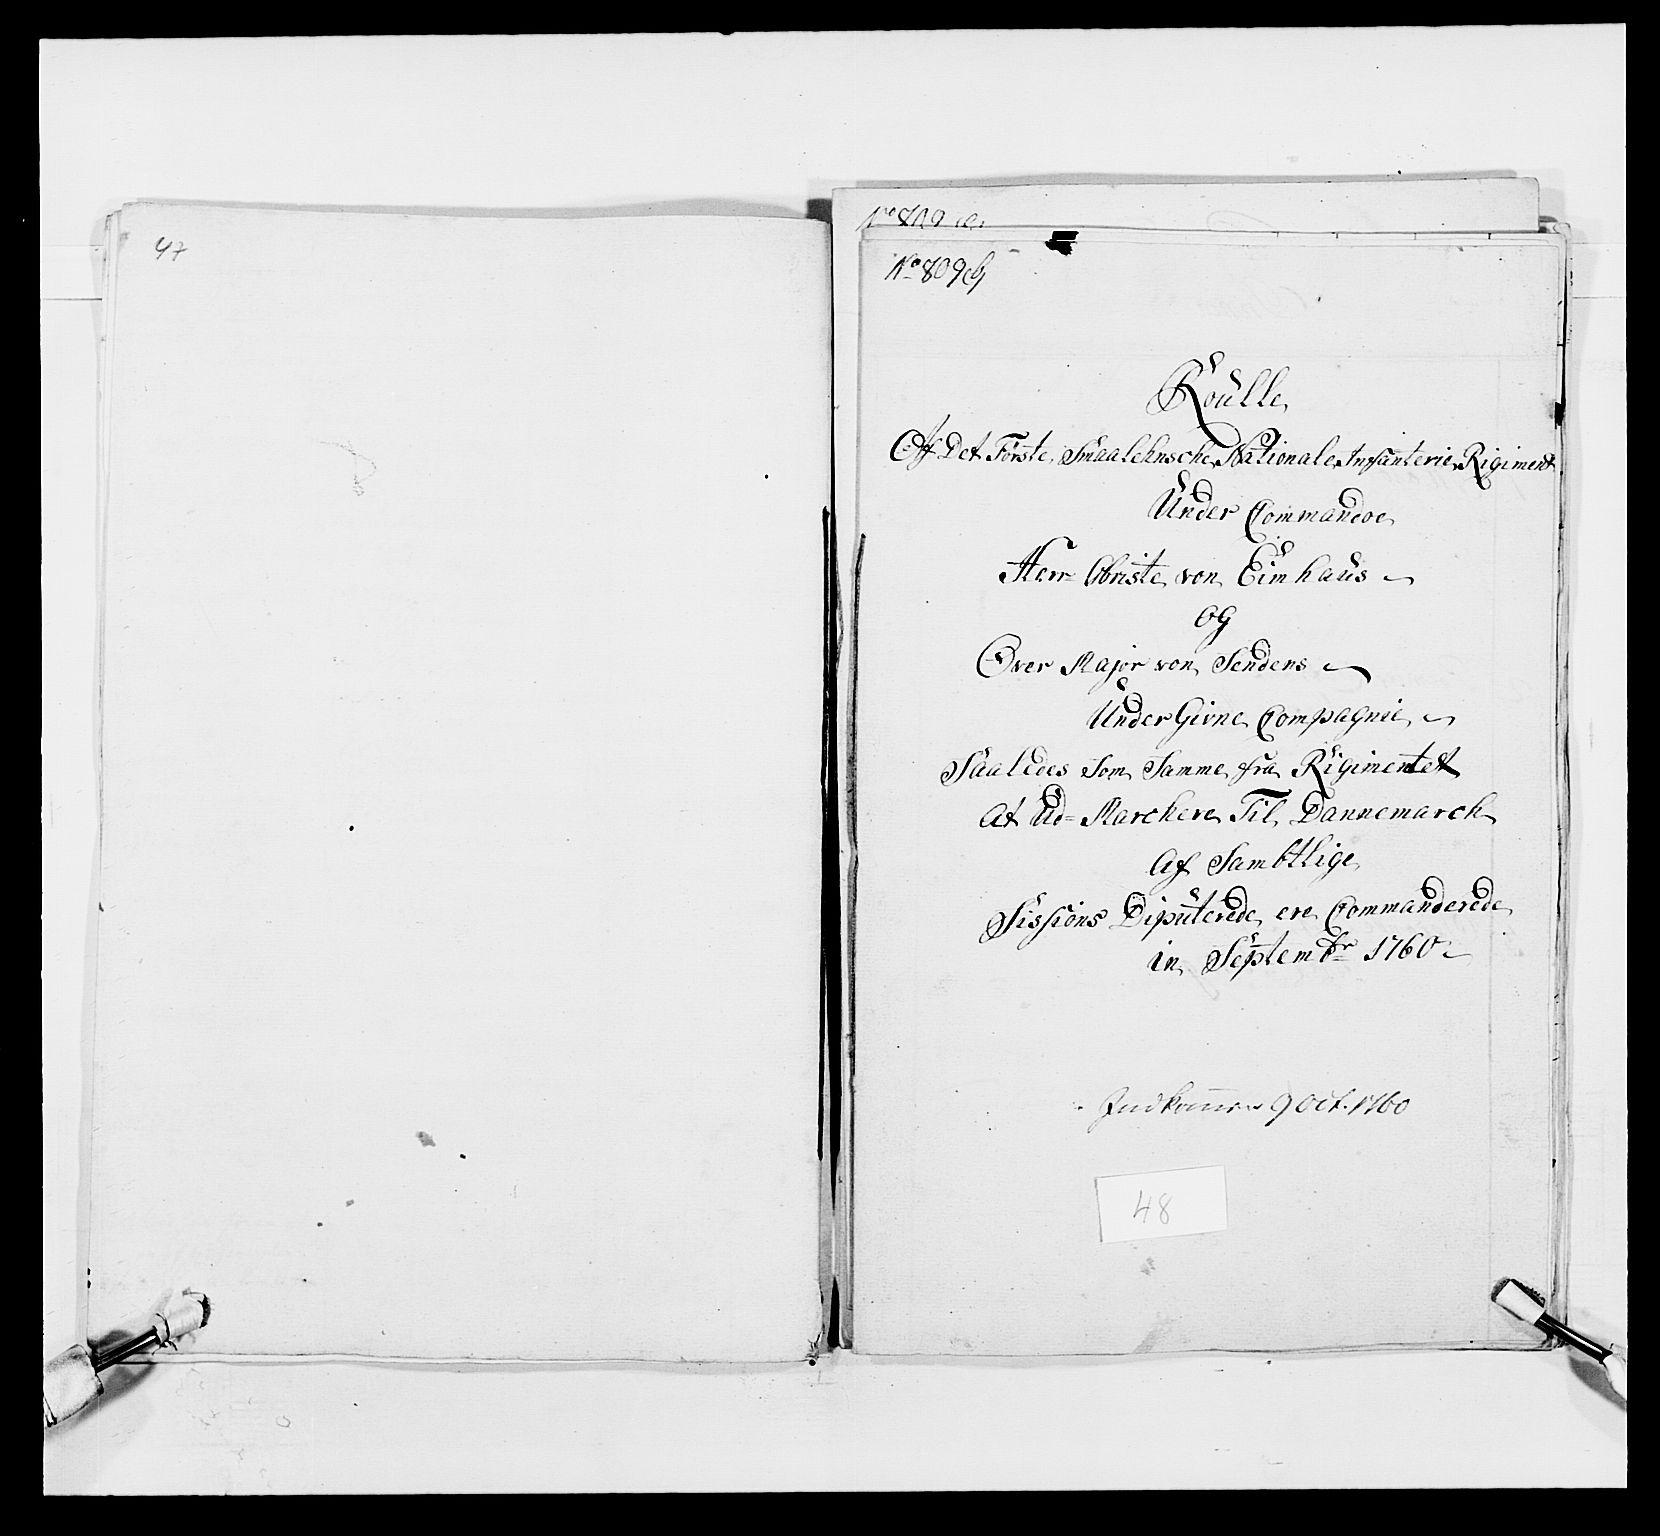 RA, Kommanderende general (KG I) med Det norske krigsdirektorium, E/Ea/L0495: 1. Smålenske regiment, 1732-1763, s. 643